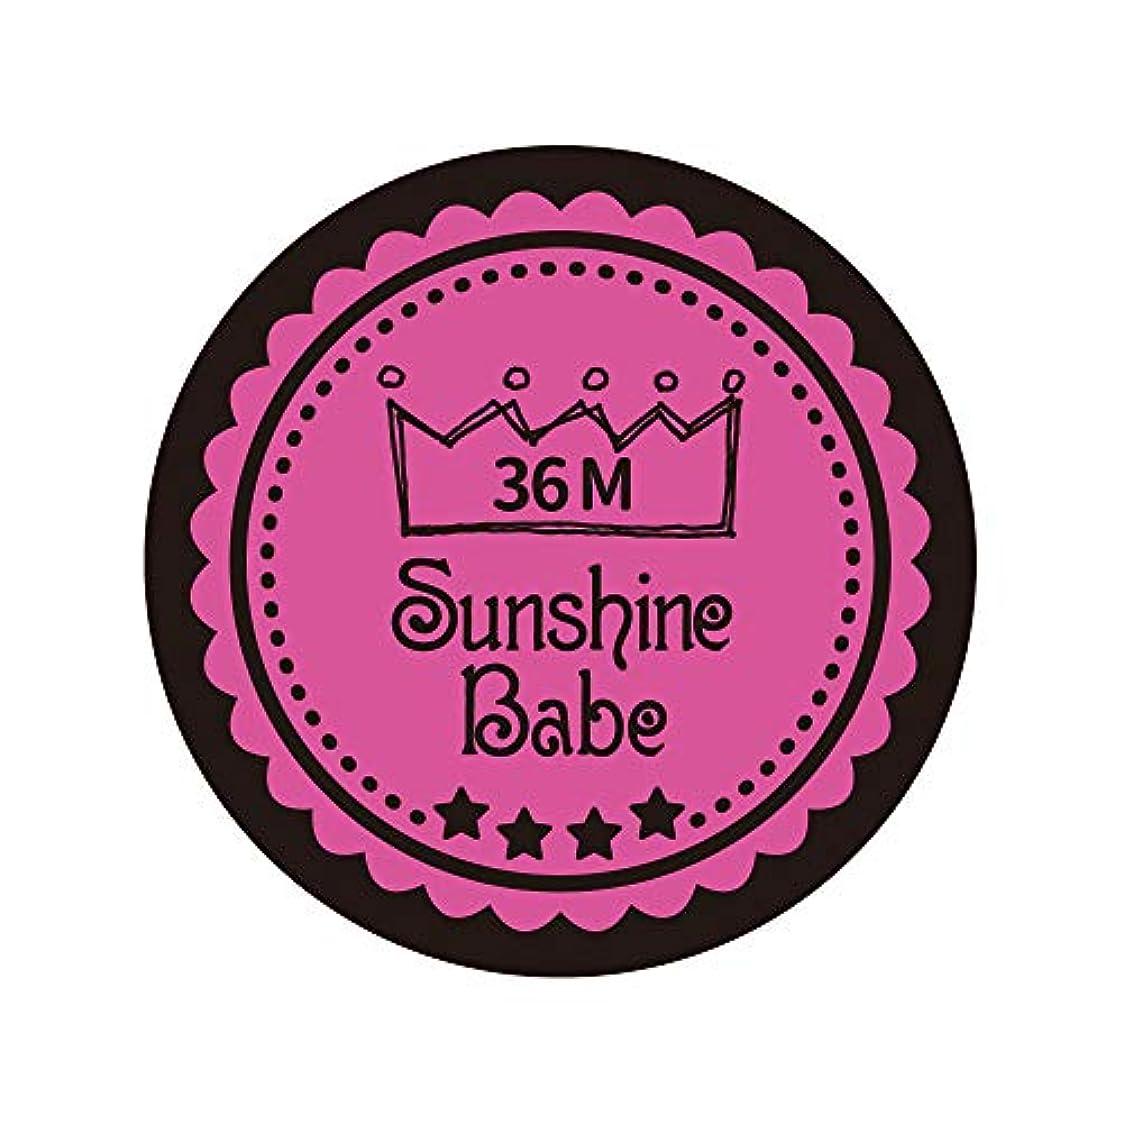 全国かけがえのない昼寝Sunshine Babe カラージェル 36M クロッカスピンク 2.7g UV/LED対応